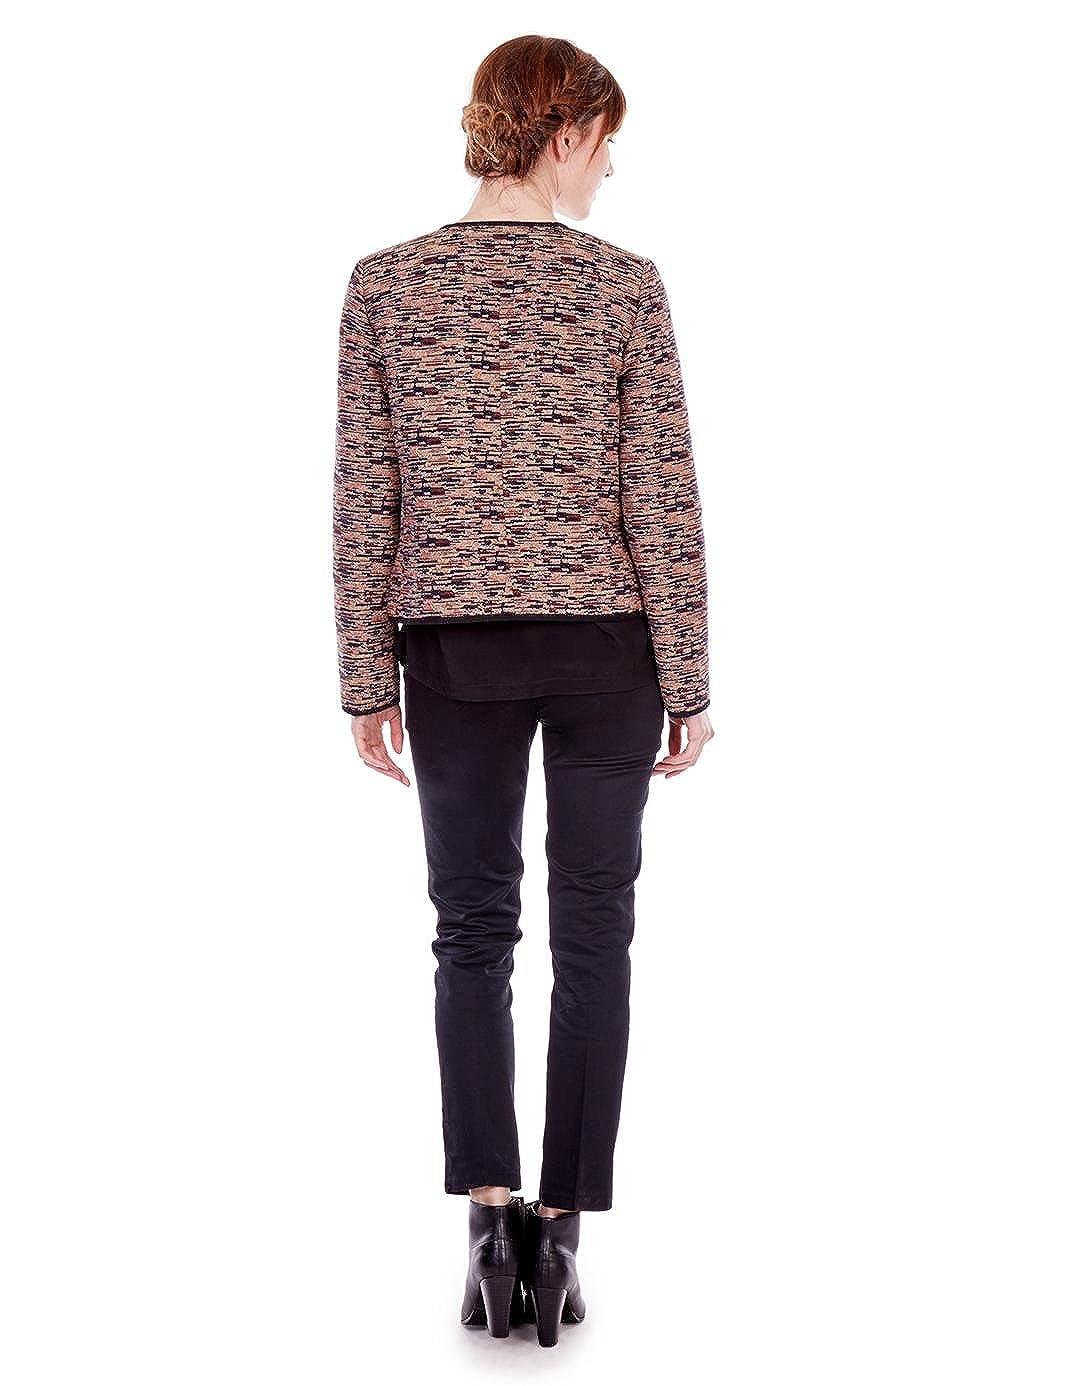 MONOPRIX FEMME - Veste courte sans col - Femme - Taille   36 - Couleur    GARANCE  Amazon.fr  Vêtements et accessoires 82632539906c